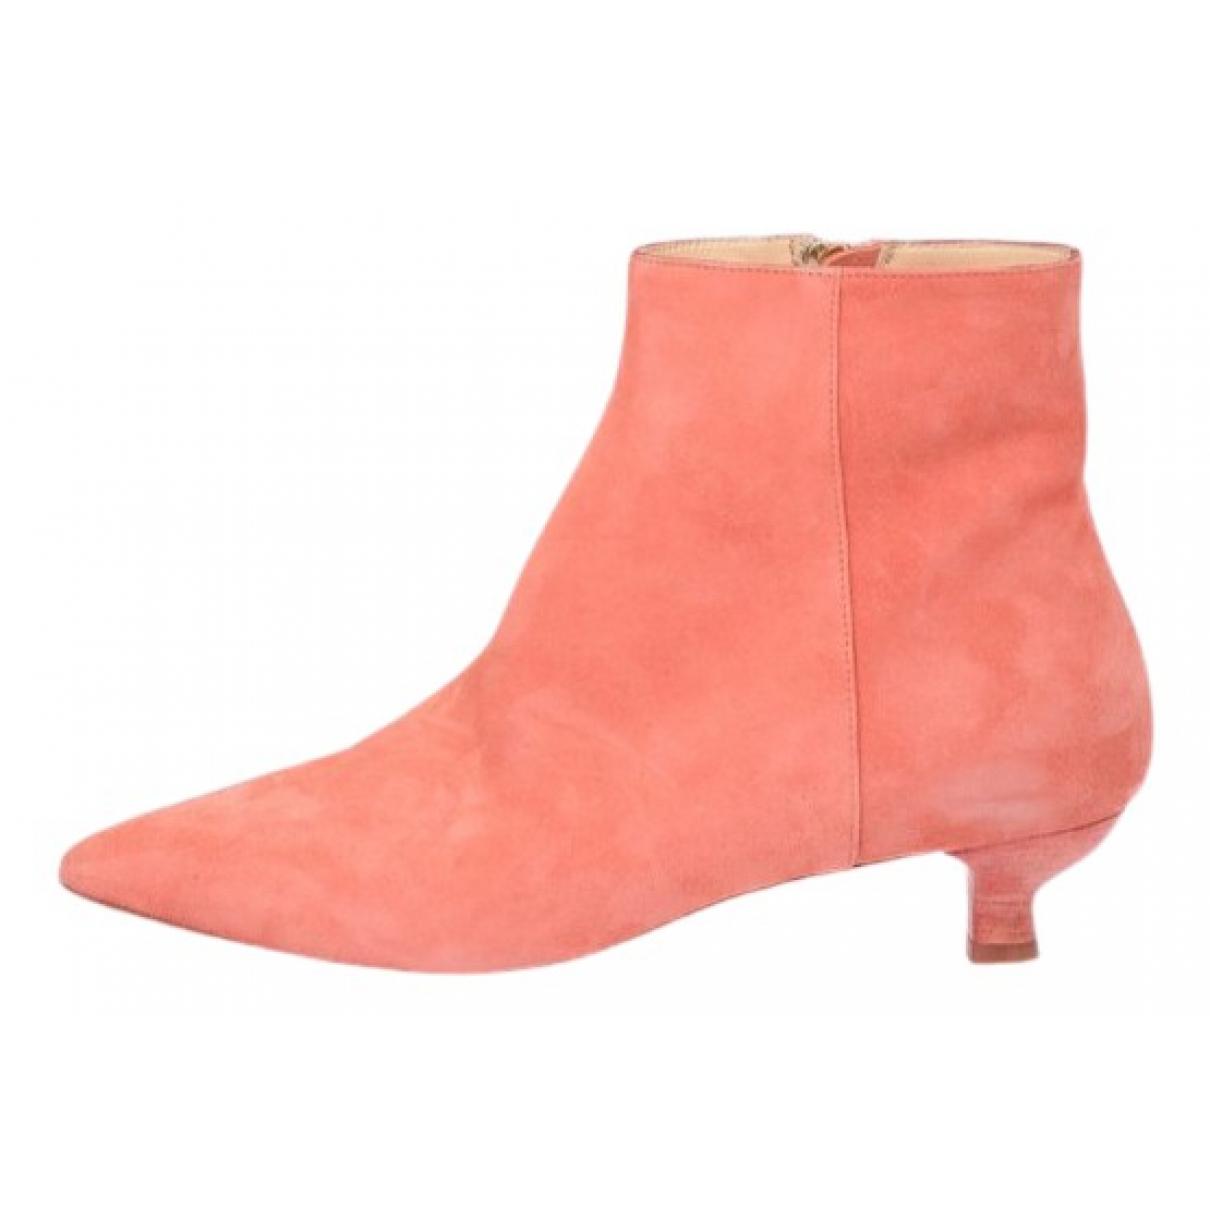 Drome - Boots   pour femme en velours - rose